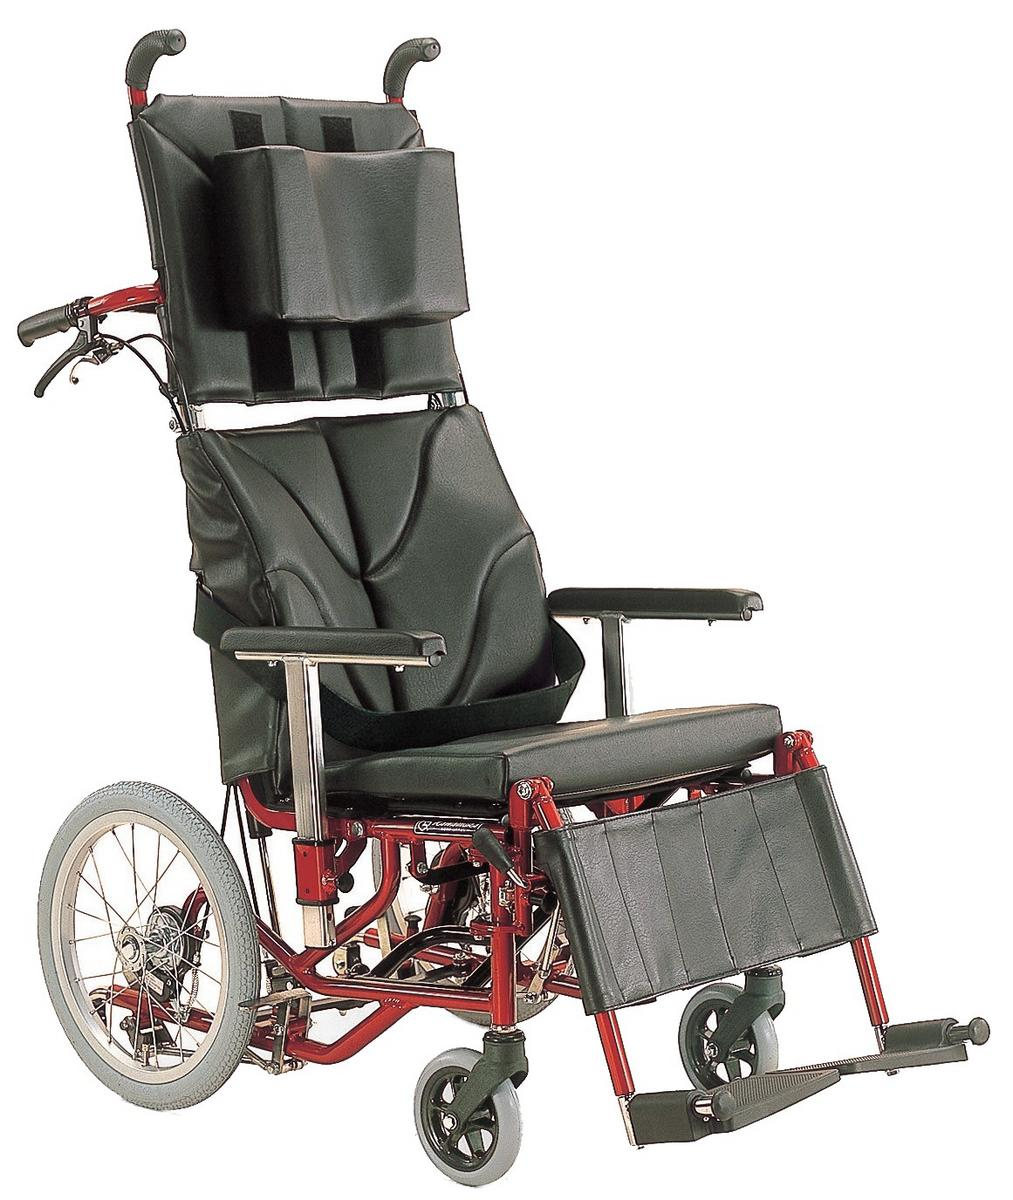 車椅子(車いす) カワムラサイクル製 KPF16-40(42)【メーカー正規保証付き/条件付き送料無料】